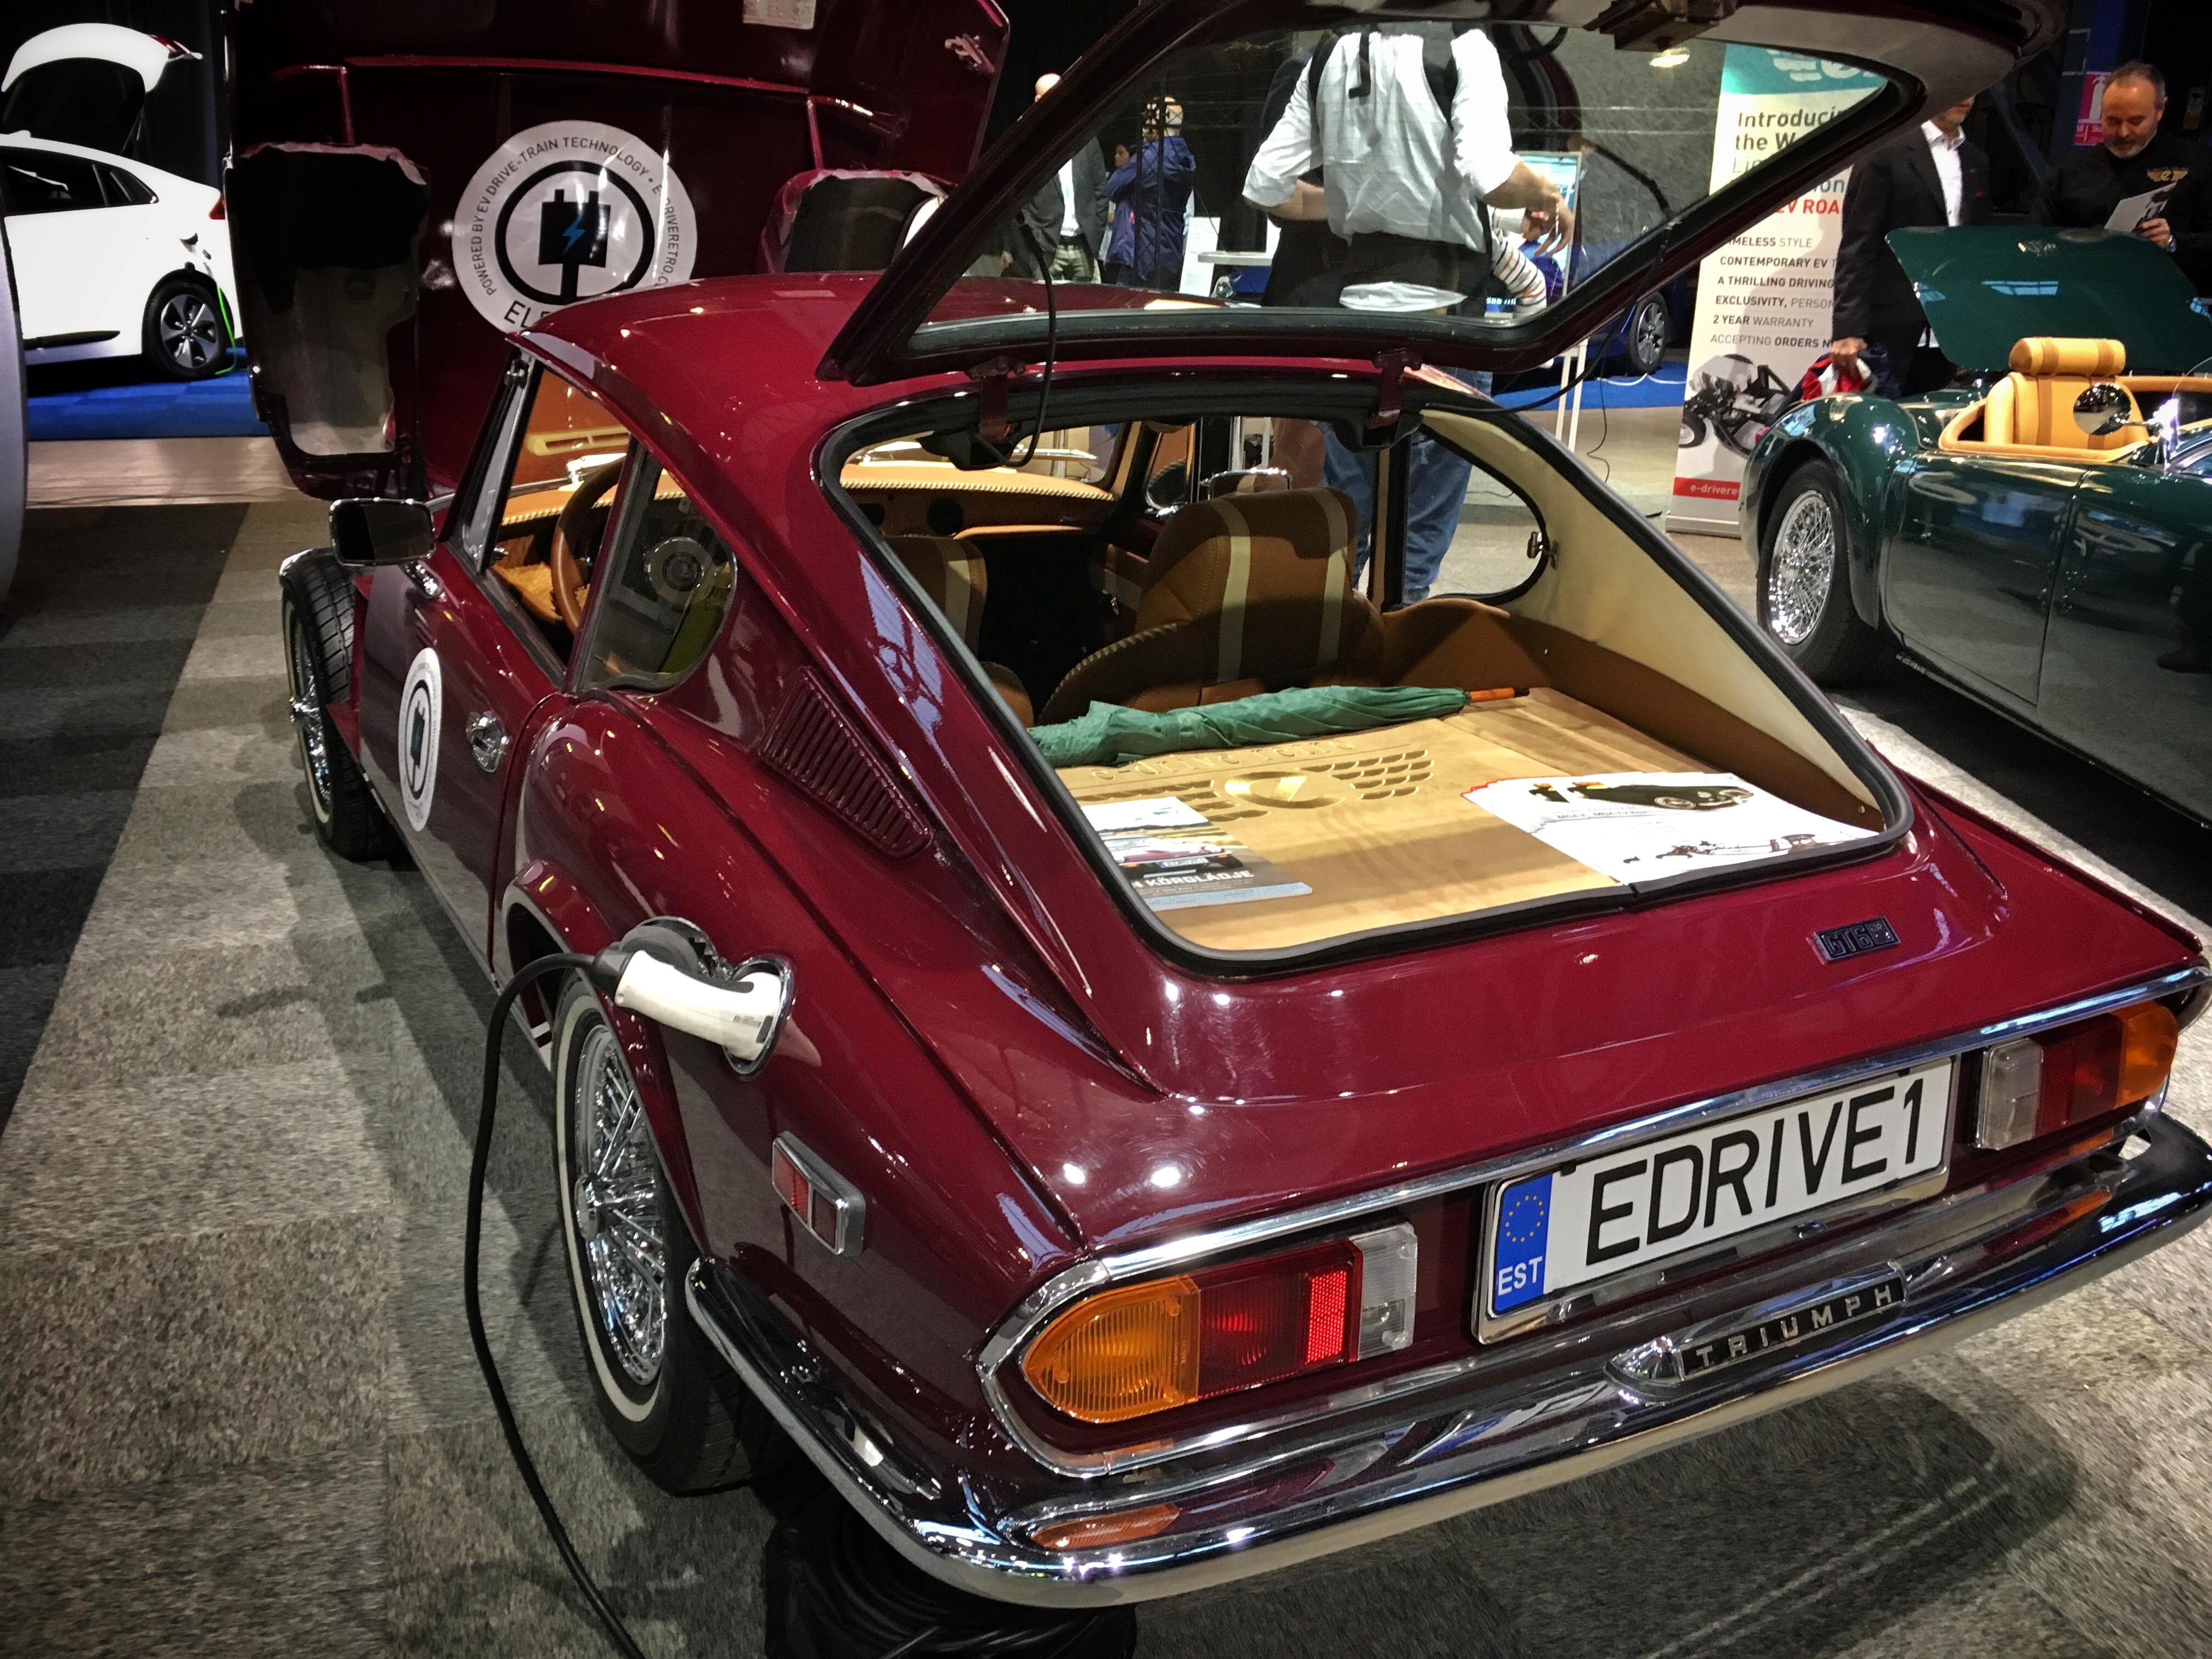 Triumph GT-6 e-driveretroladdkontakt